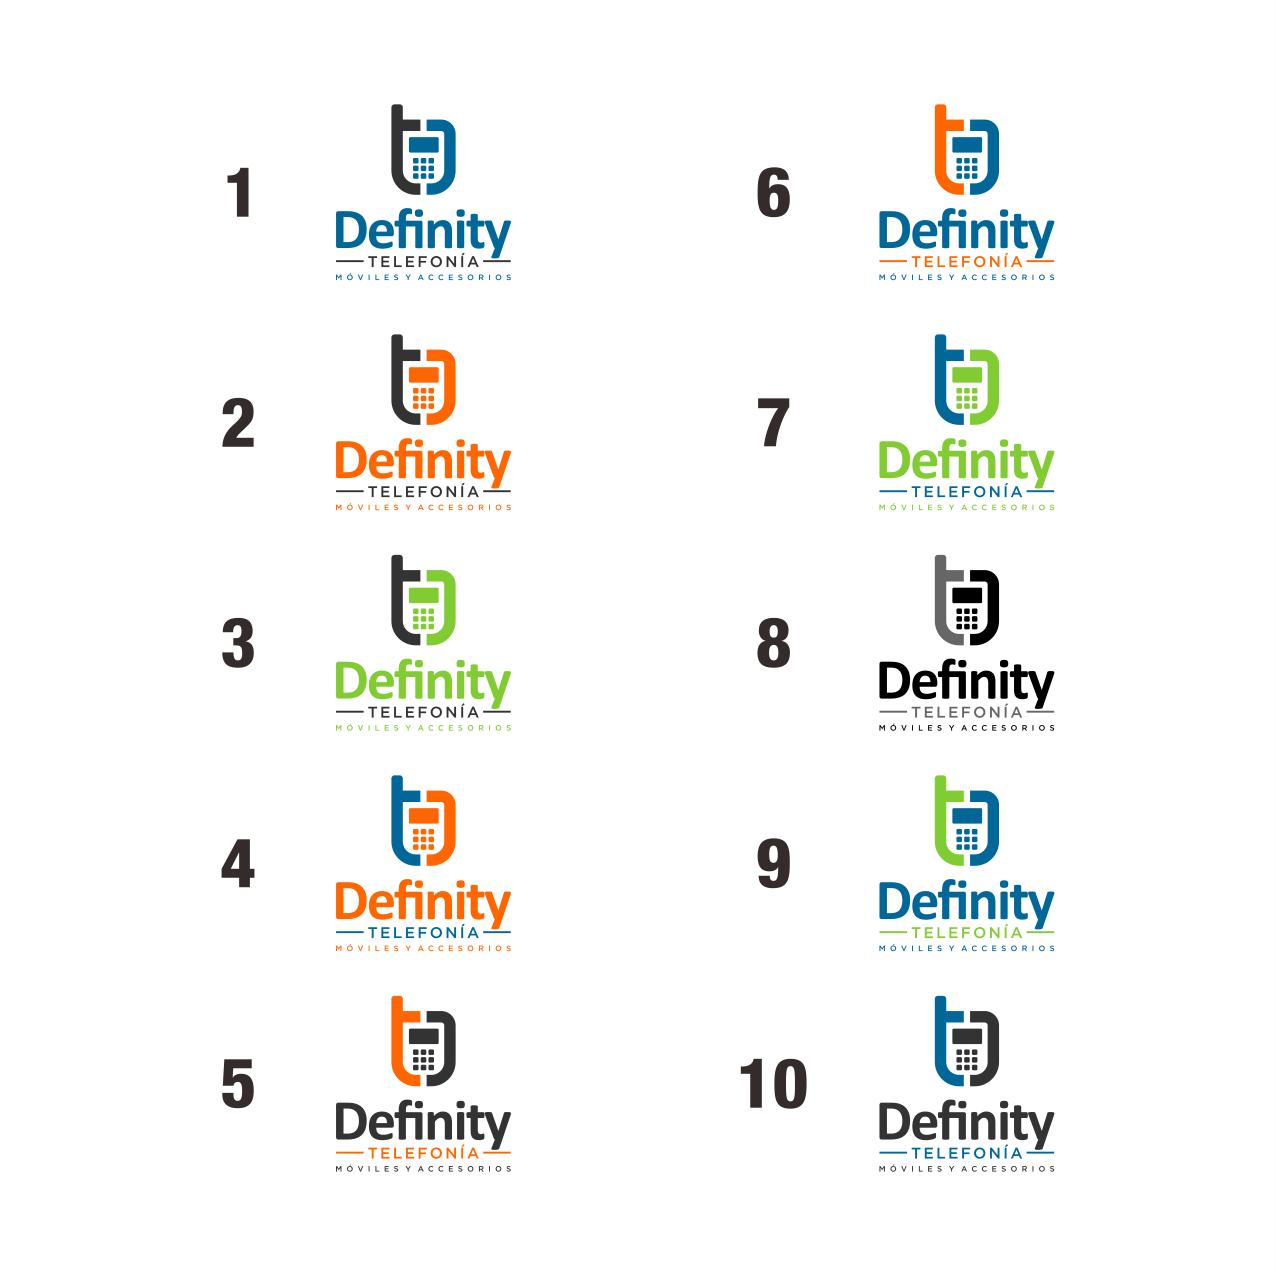 """Diseña un logo para nuestra empresa  """"Definity Telefonía"""""""